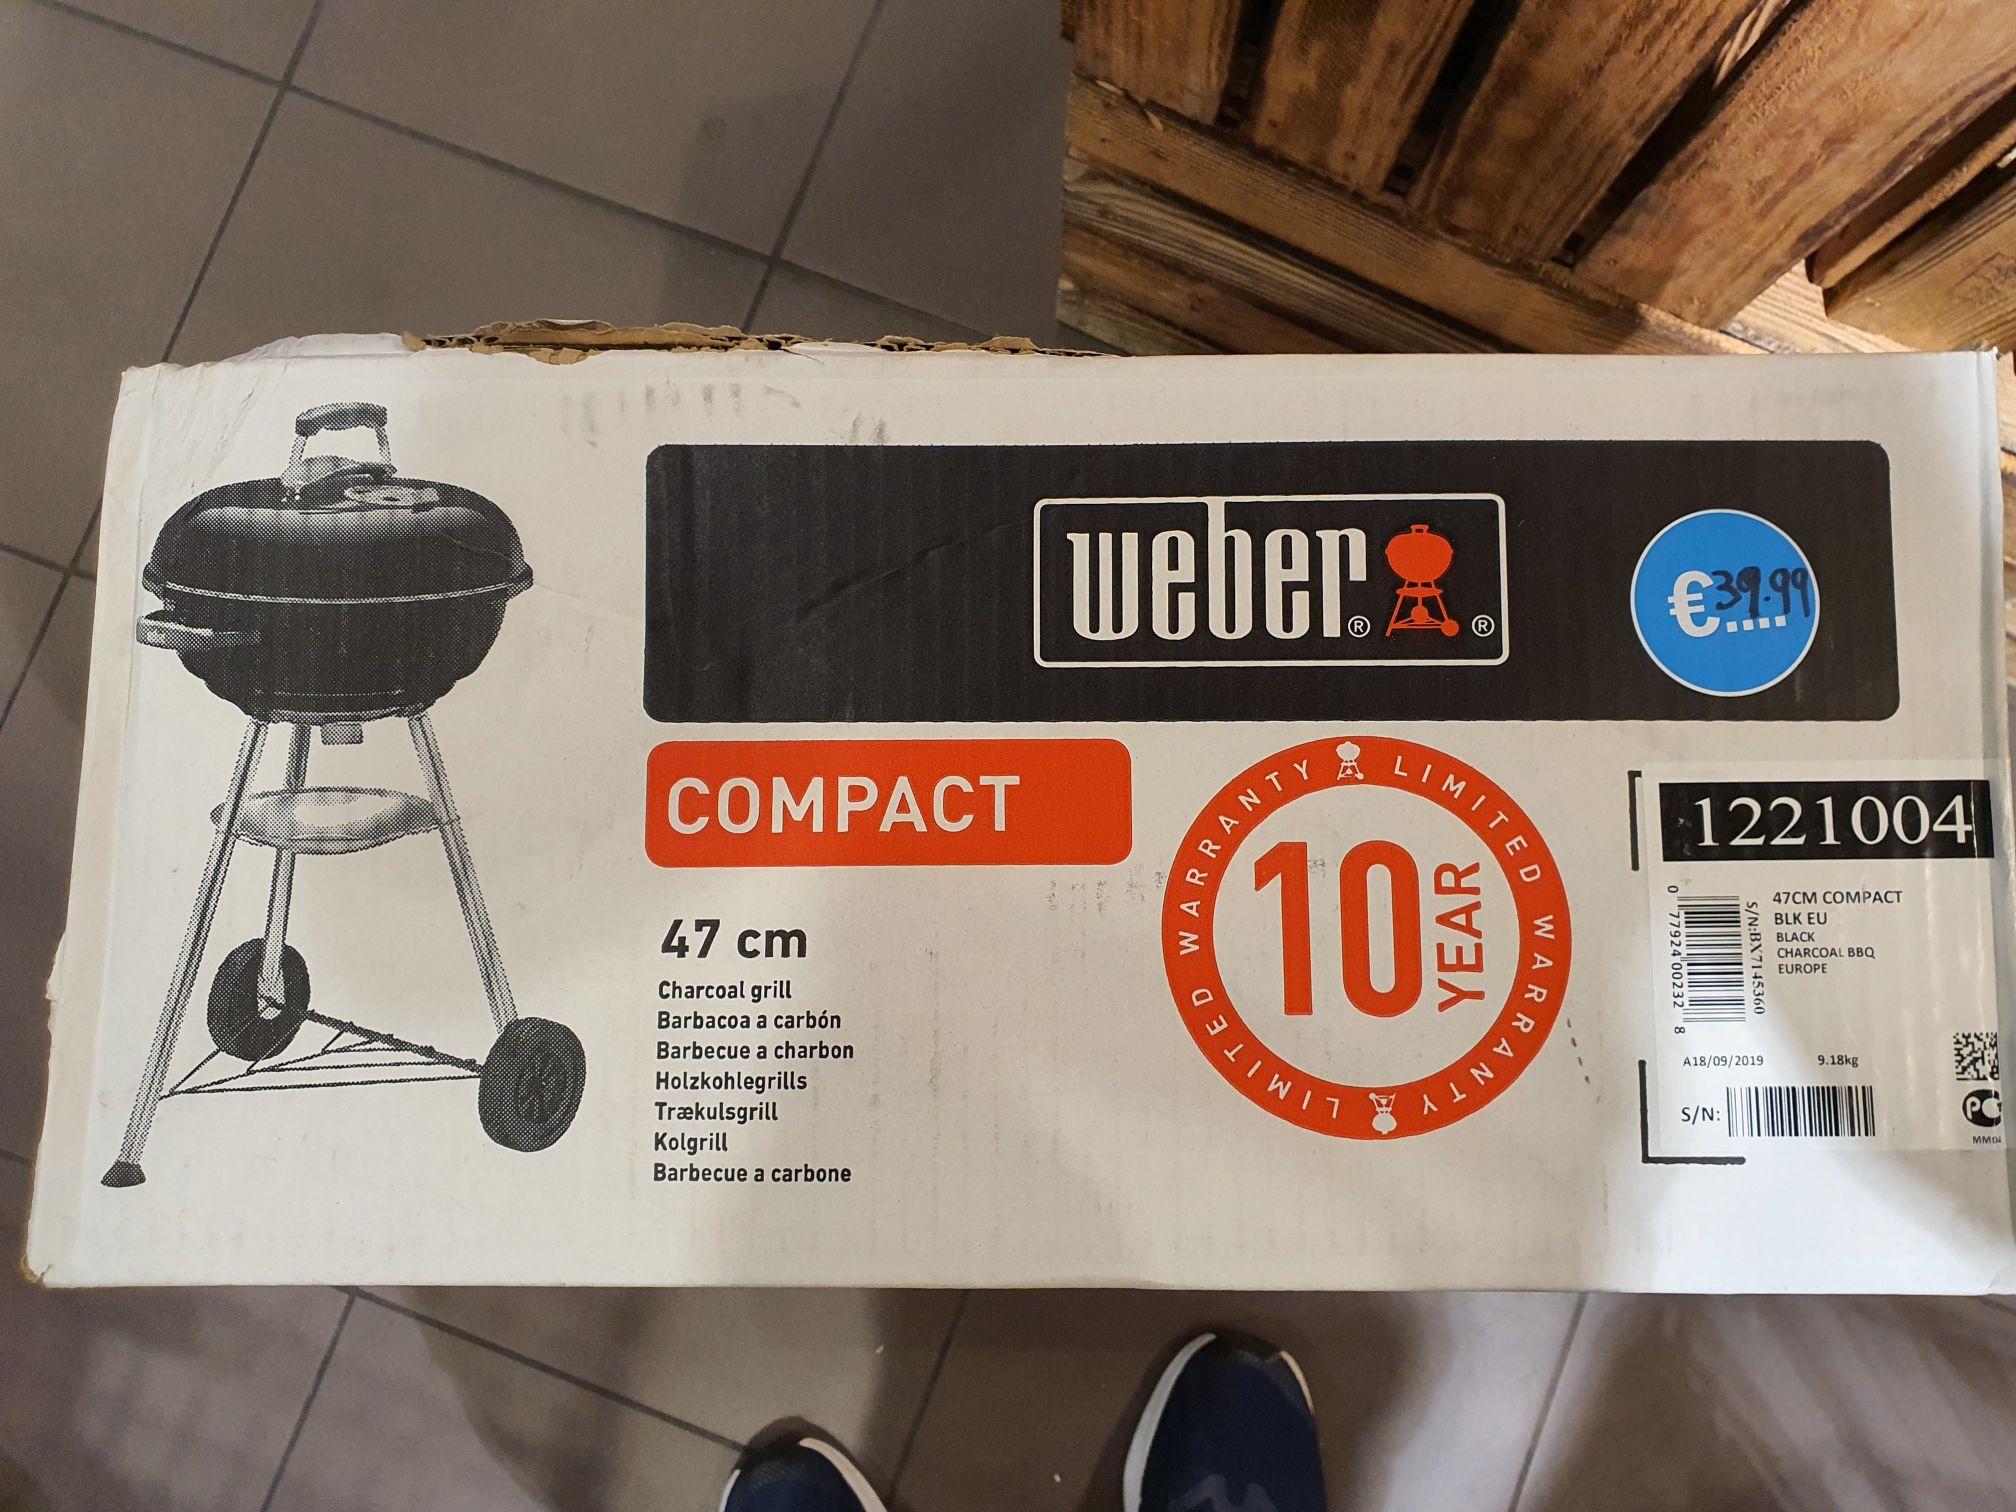 (AH Lokaal Moordrecht) Weber Compact 47 cm bbq